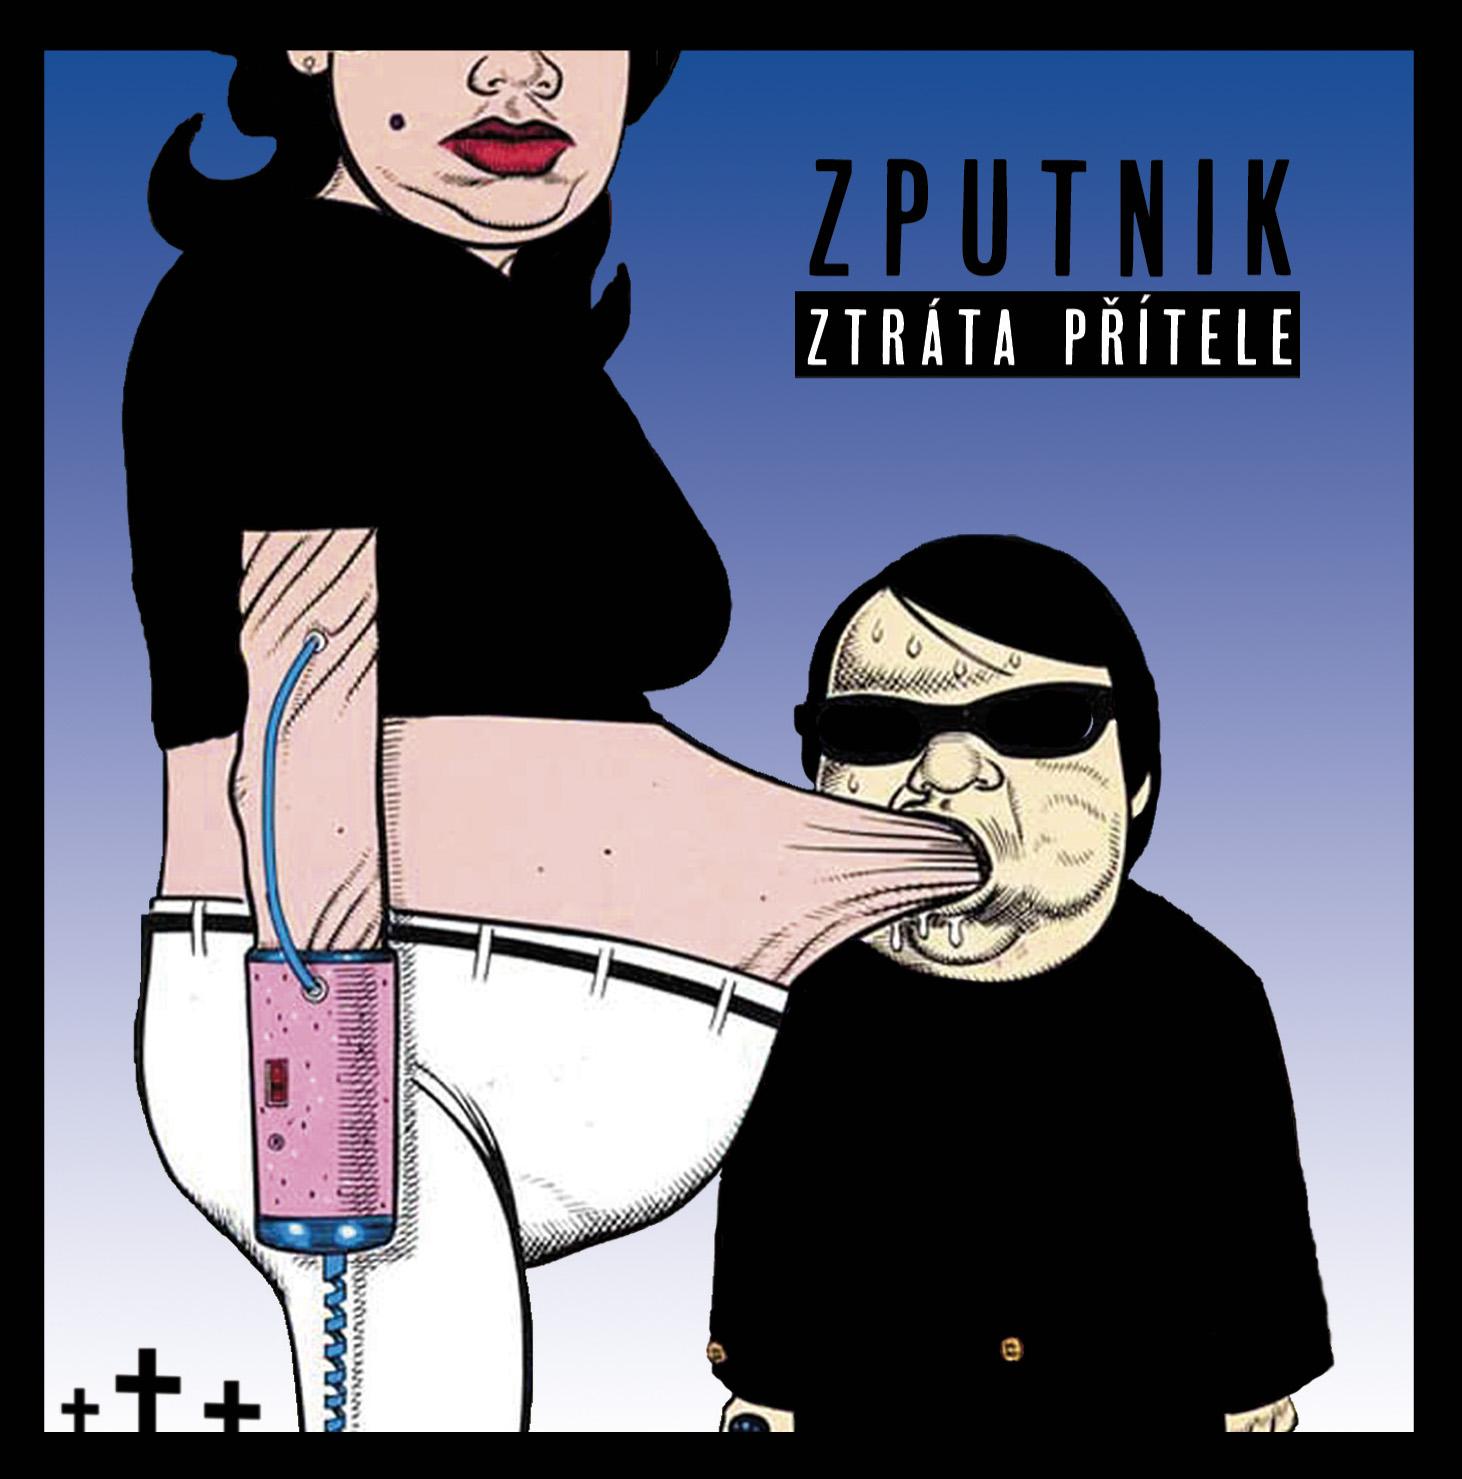 Ukázky z CD Zputnik